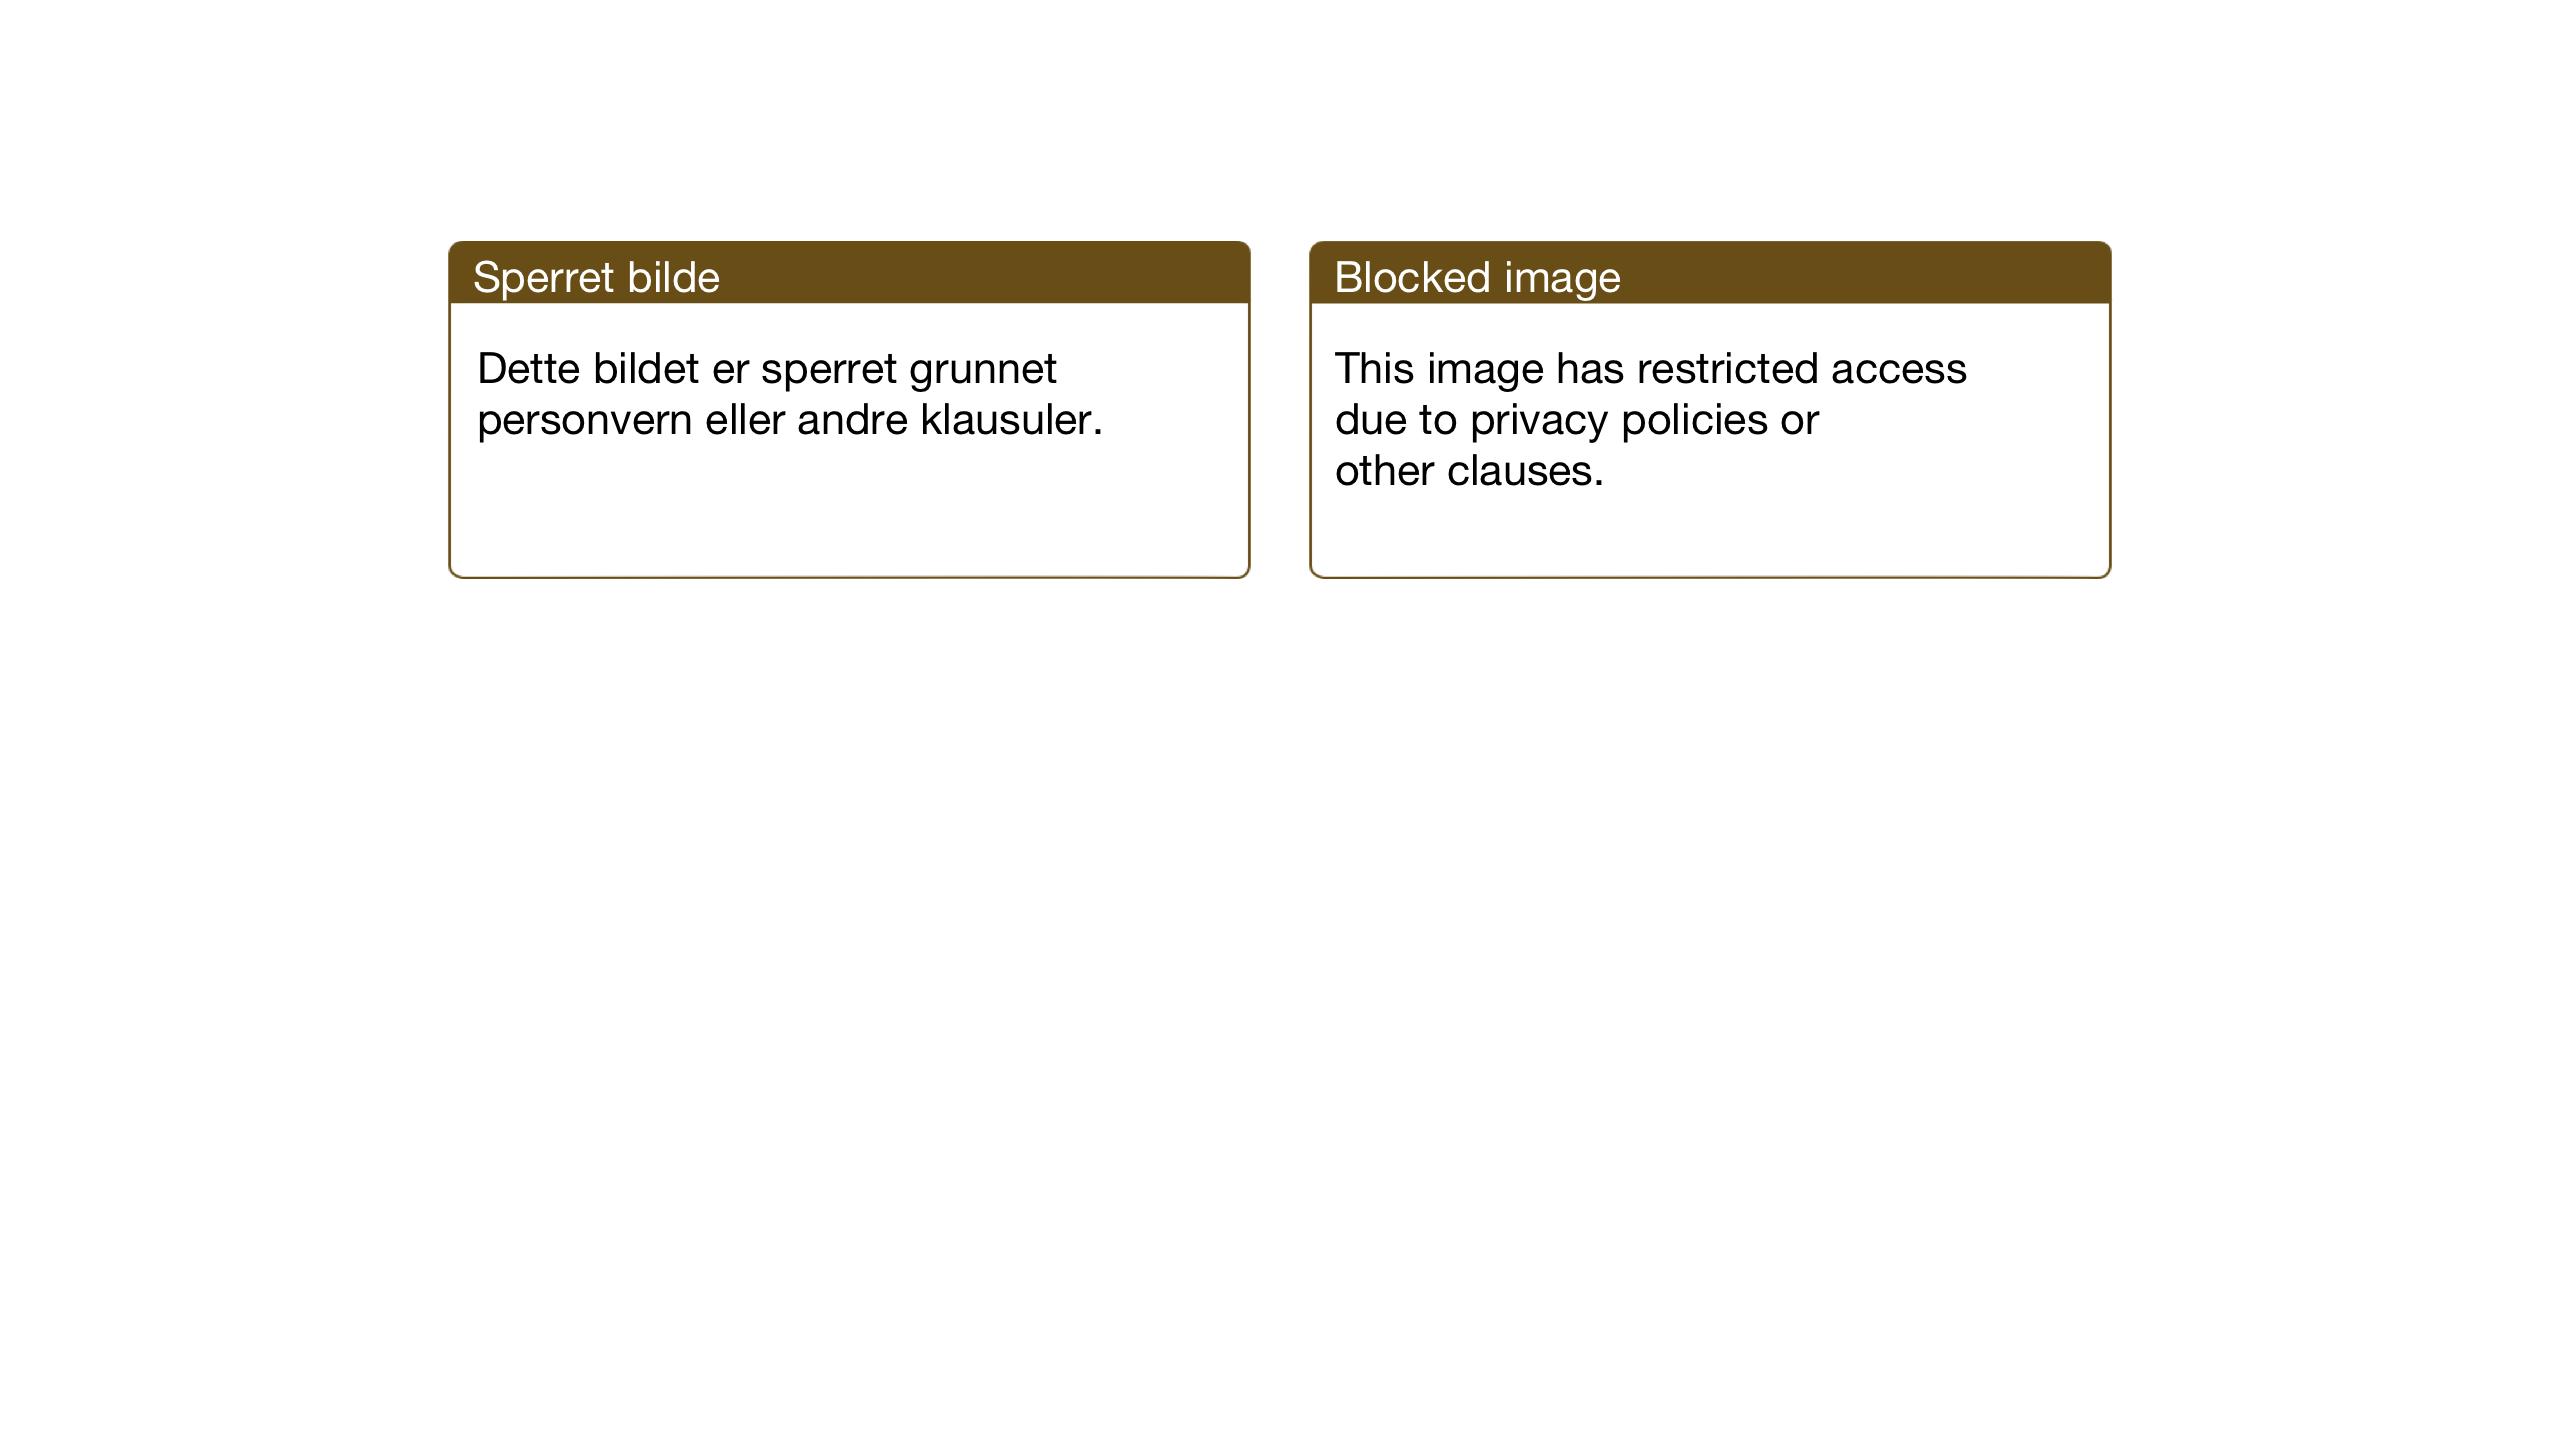 SAT, Ministerialprotokoller, klokkerbøker og fødselsregistre - Nord-Trøndelag, 780/L0654: Klokkerbok nr. 780C06, 1928-1942, s. 54